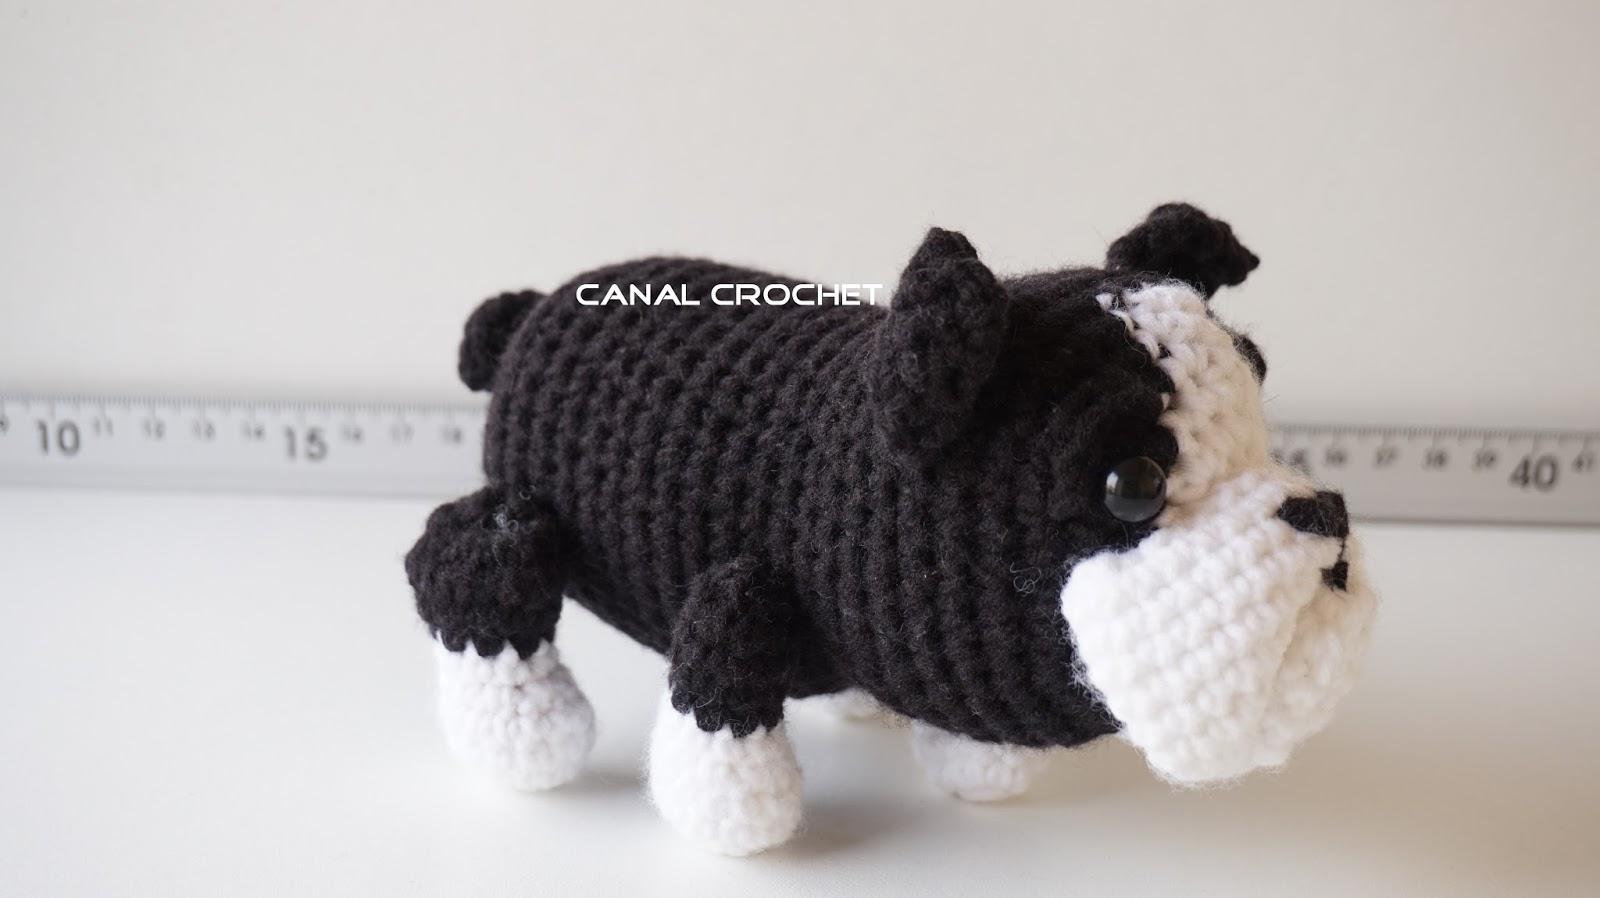 Amigurumi Bulldog Pattern : CANAL CROCHET: Perro Bulldog amigurumi tutorial